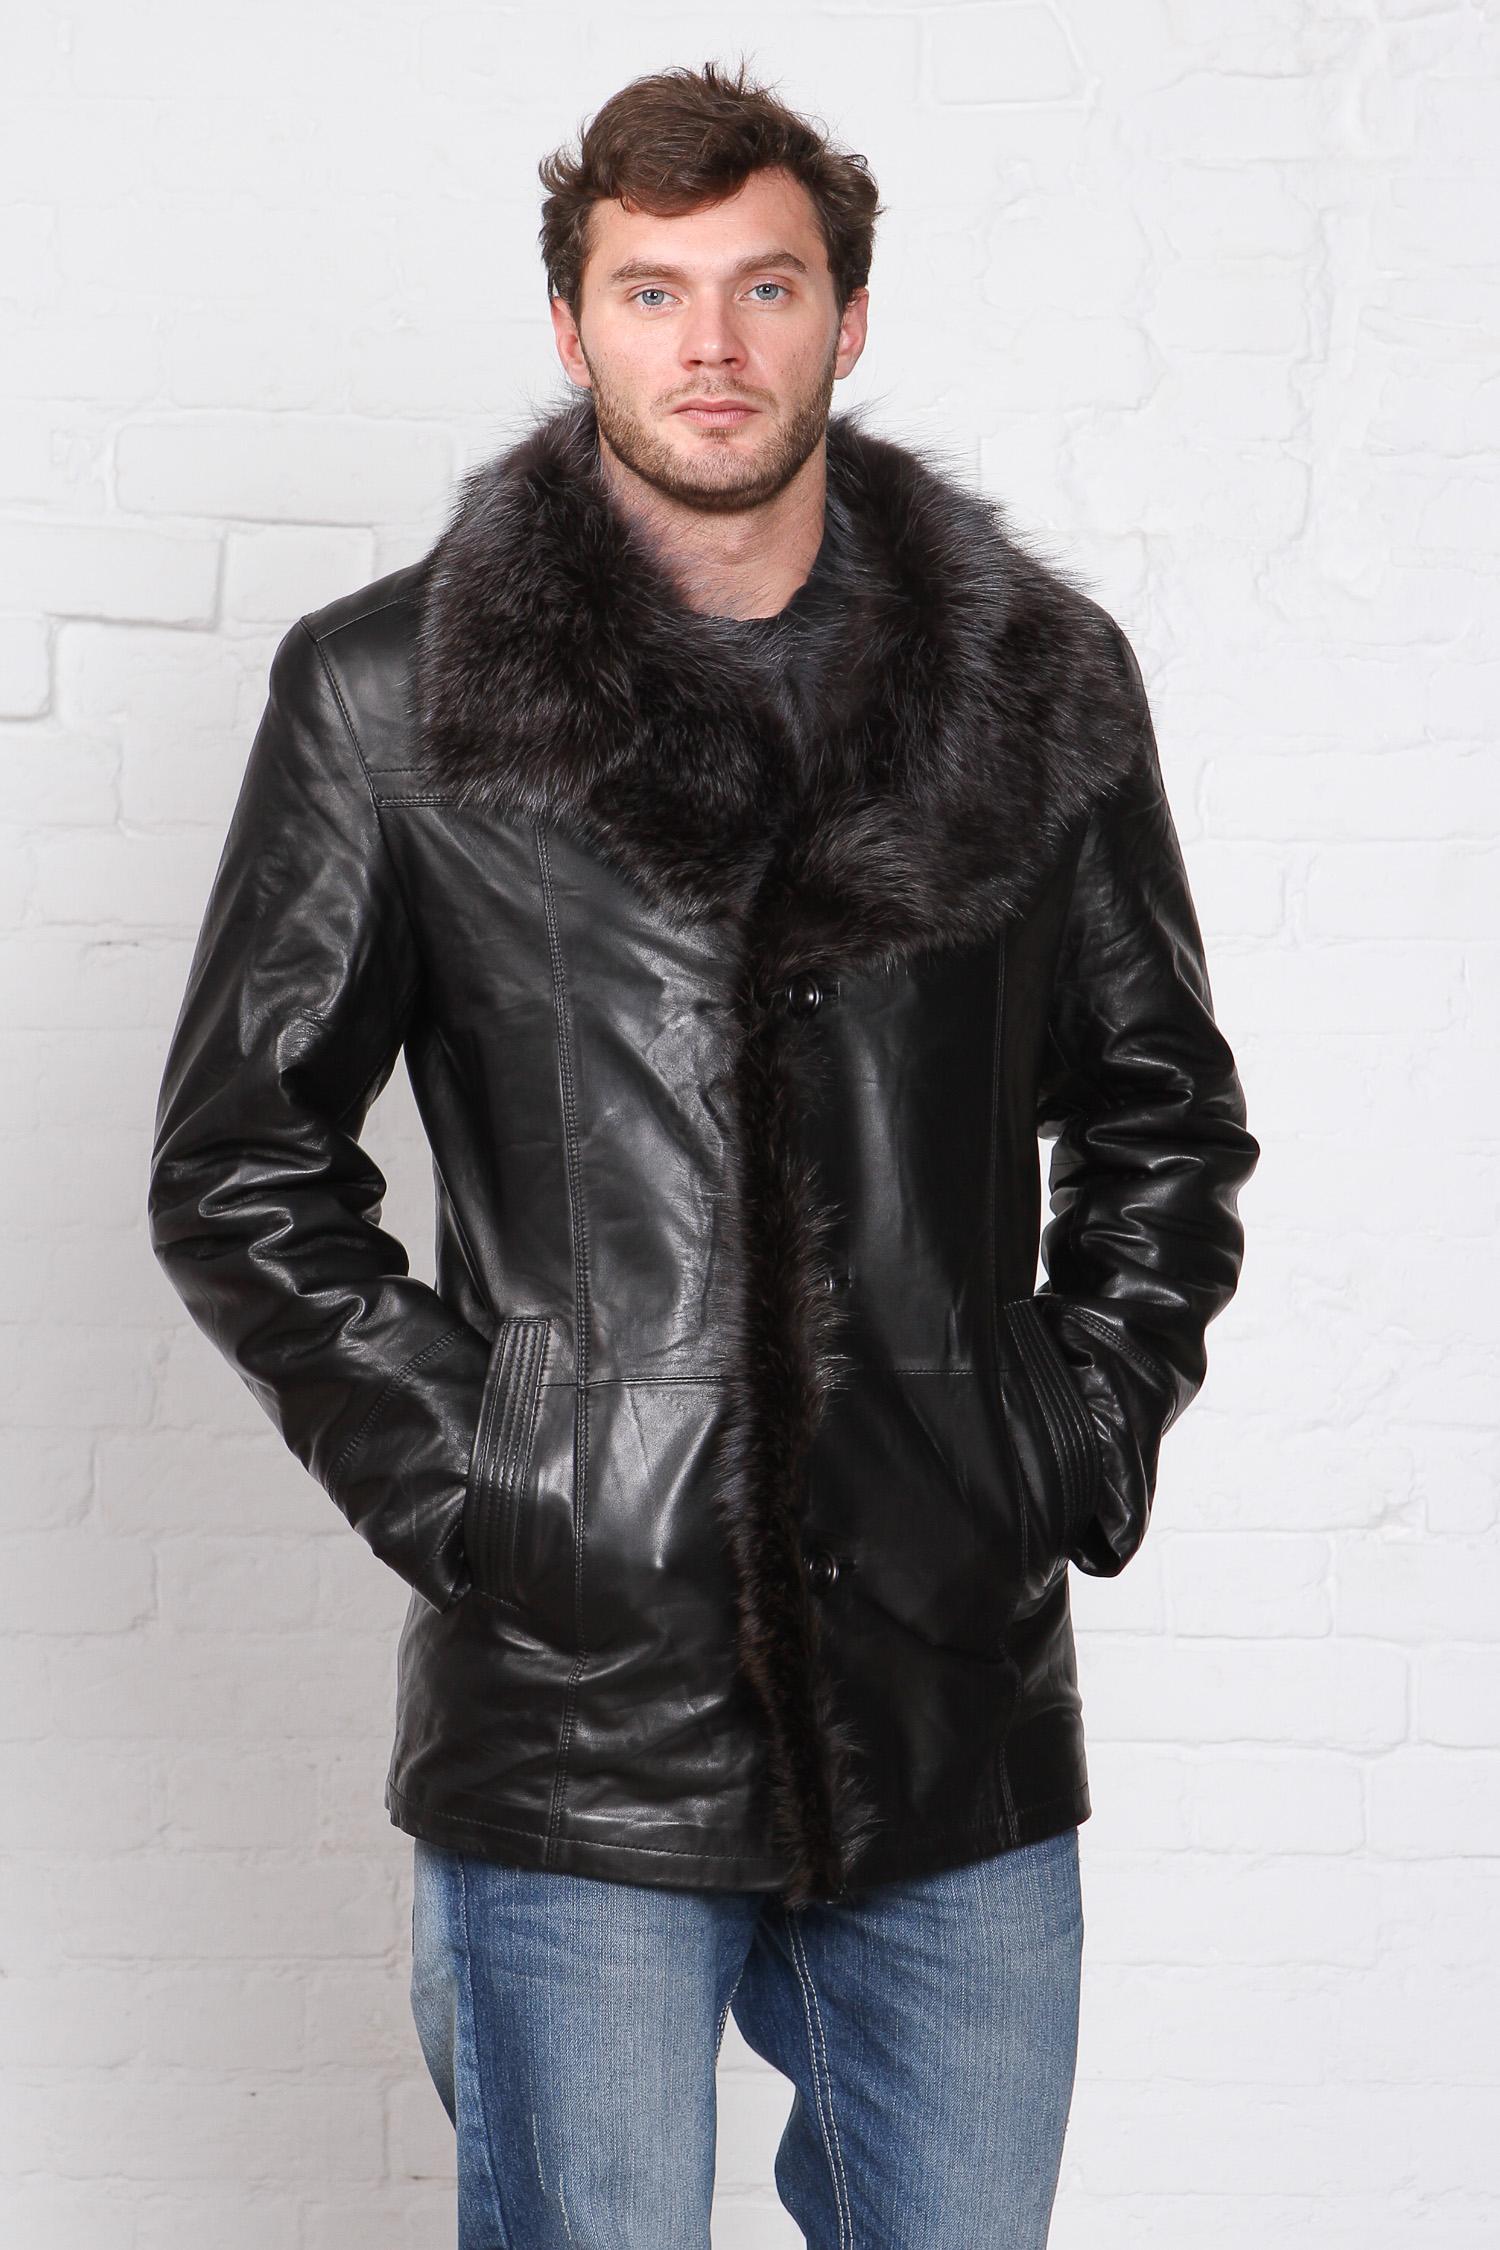 Мужская кожаная куртка из натуральной кожи на меху с воротником, отделка енот<br><br>Воротник: английский<br>Длина см: Короткая (51-74 )<br>Материал: Кожа овчина<br>Цвет: черный<br>Вид застежки: центральная<br>Застежка: на пуговицы<br>Пол: Мужской<br>Размер RU: 58